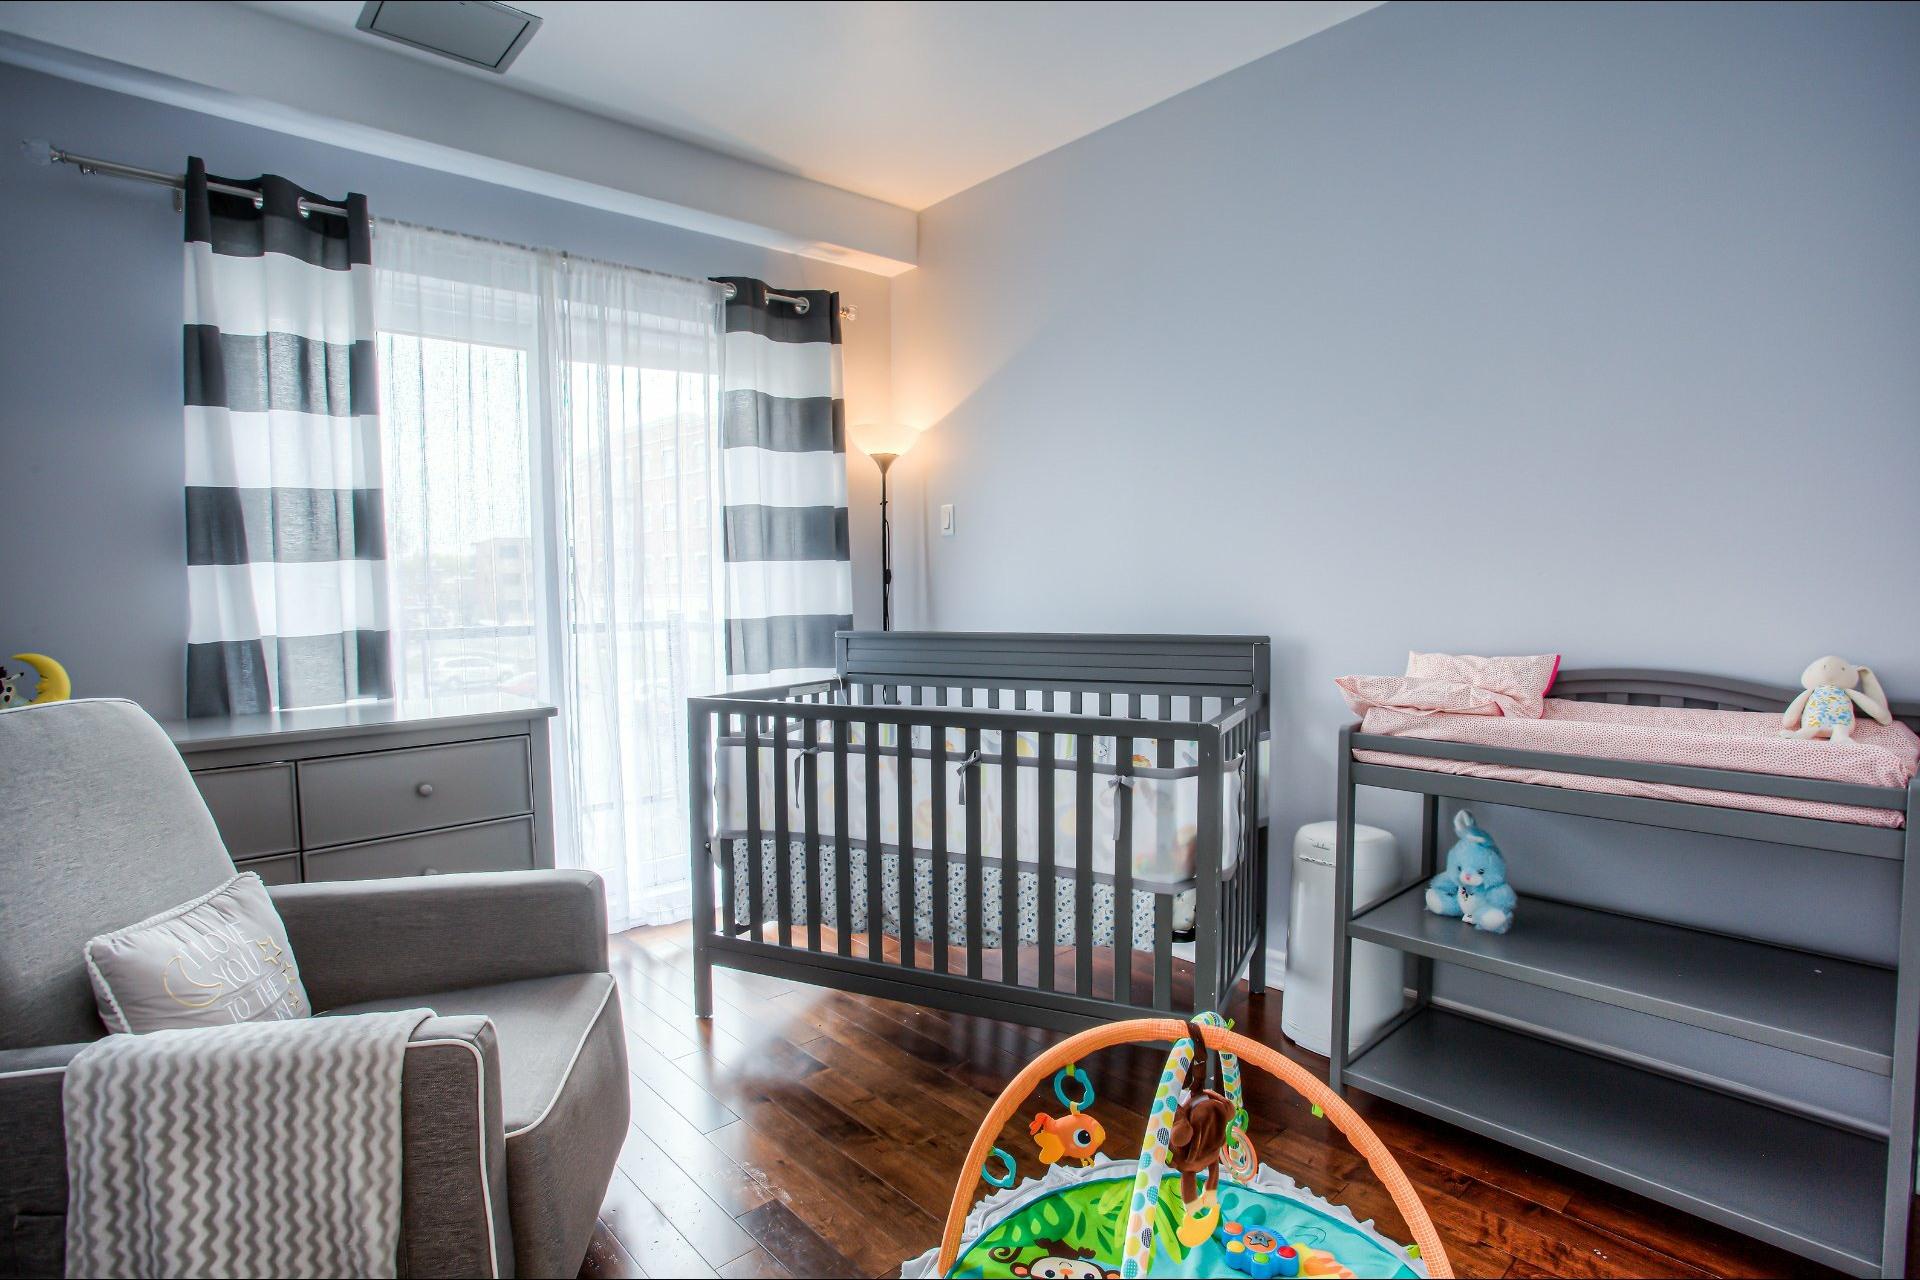 image 16 - Apartment For sale Saint-Laurent Montréal  - 9 rooms